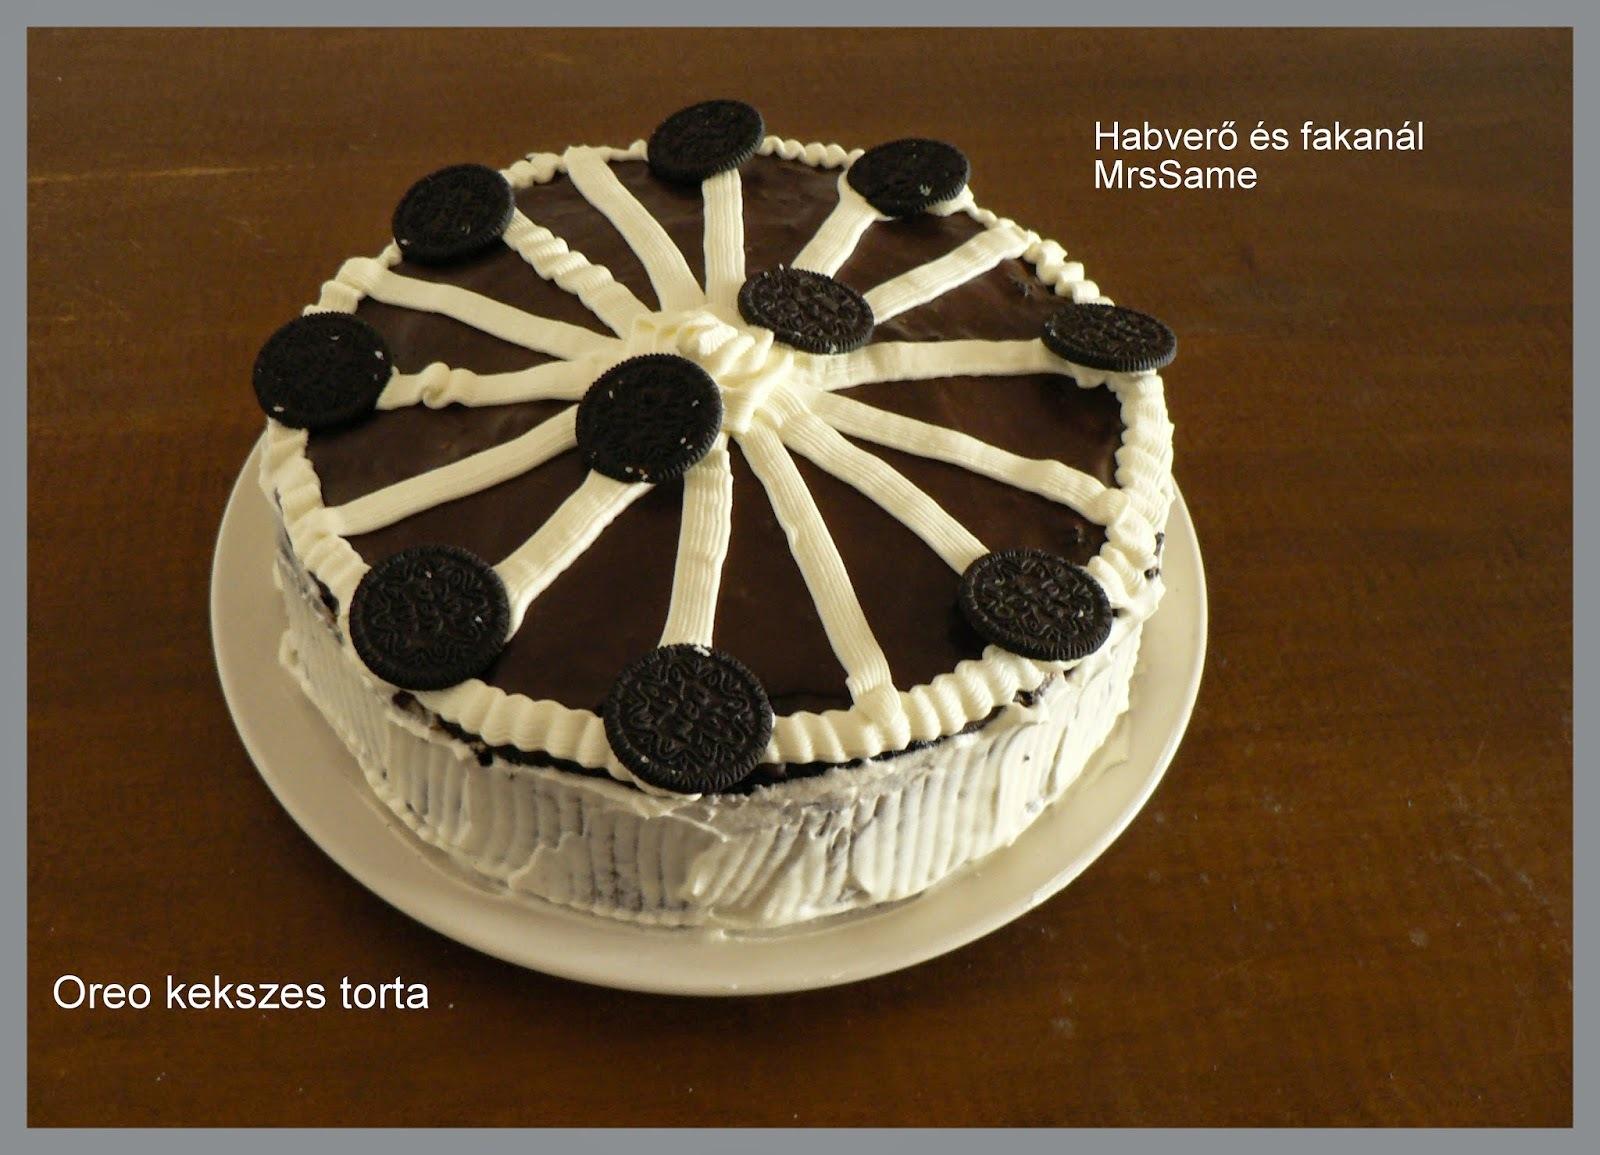 Oreo kekszes torta - Levente 5. születésnapjára